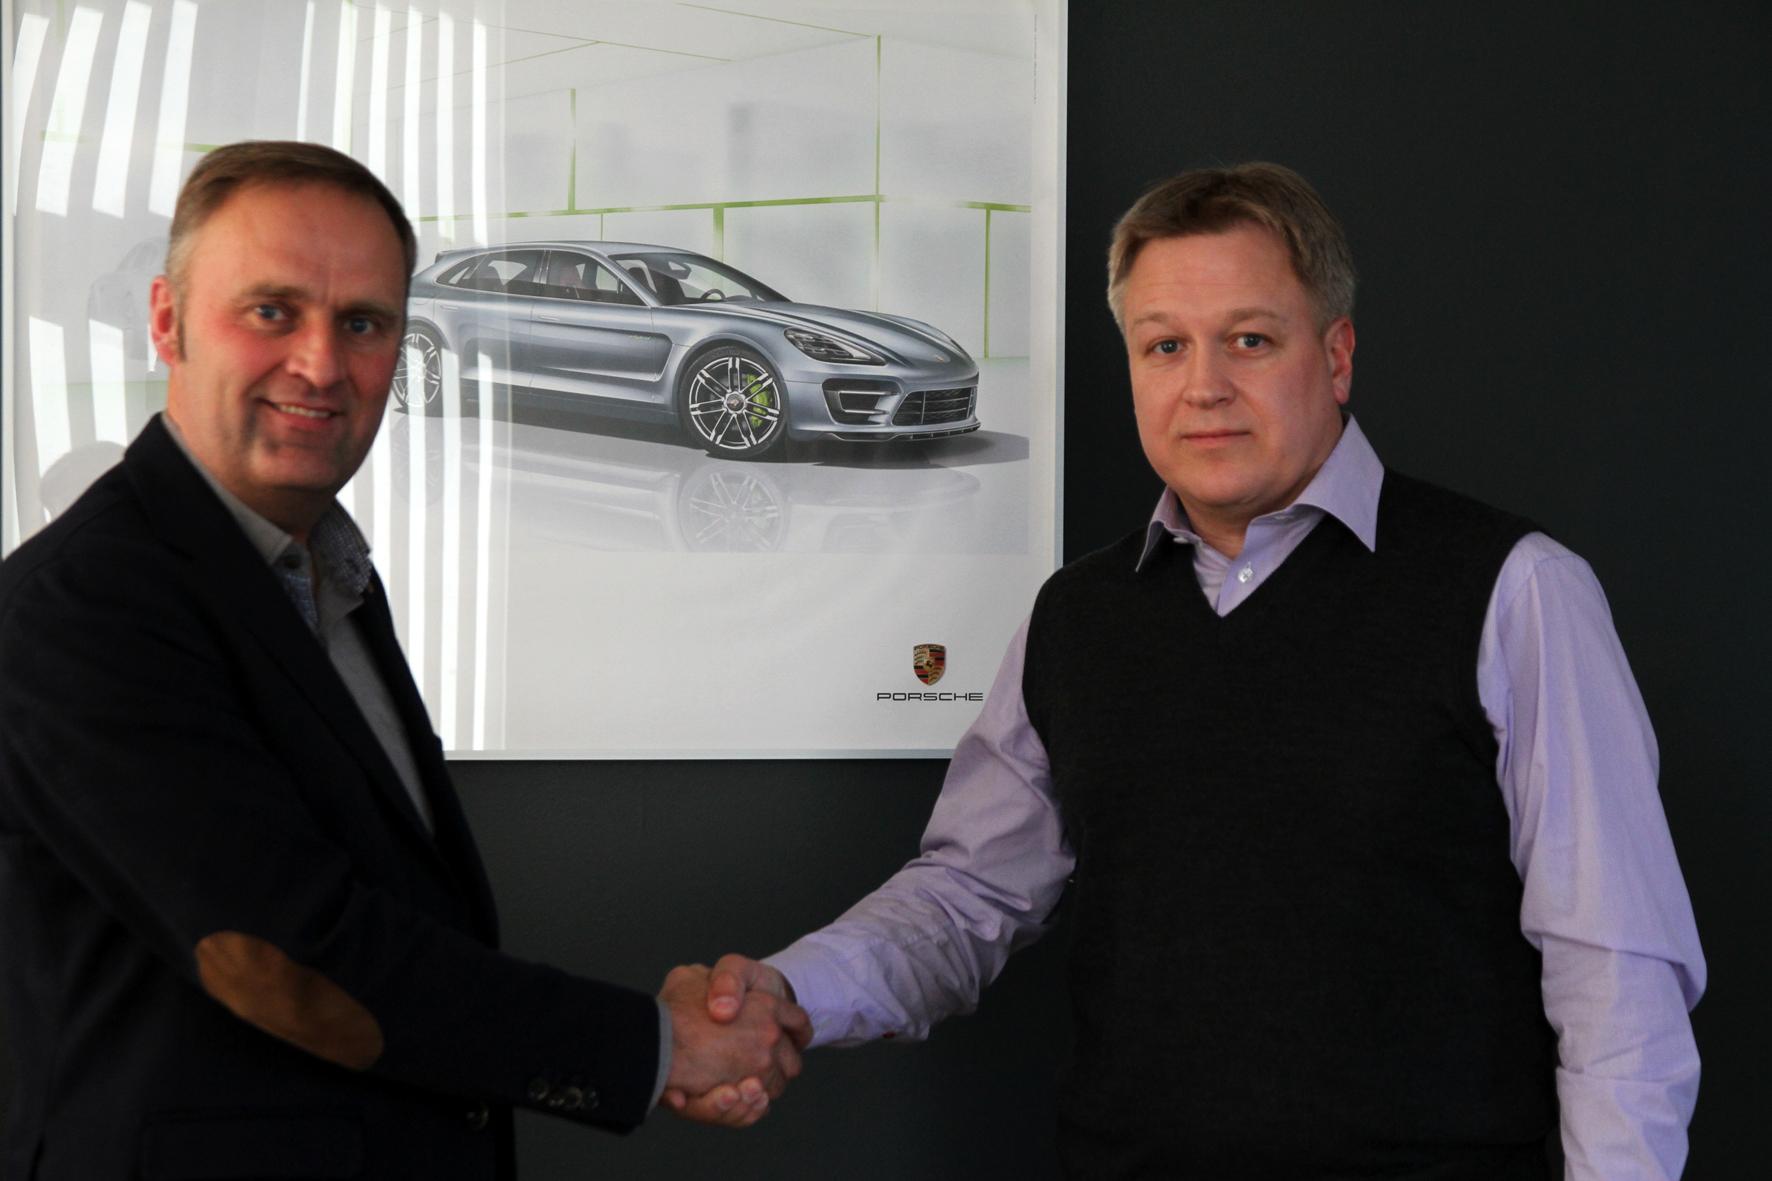 Eesti Ratsaspordi Liidu peasekretär ja Auto 100 juhatuse liige Janek Aavik lepingu sõlmimisel